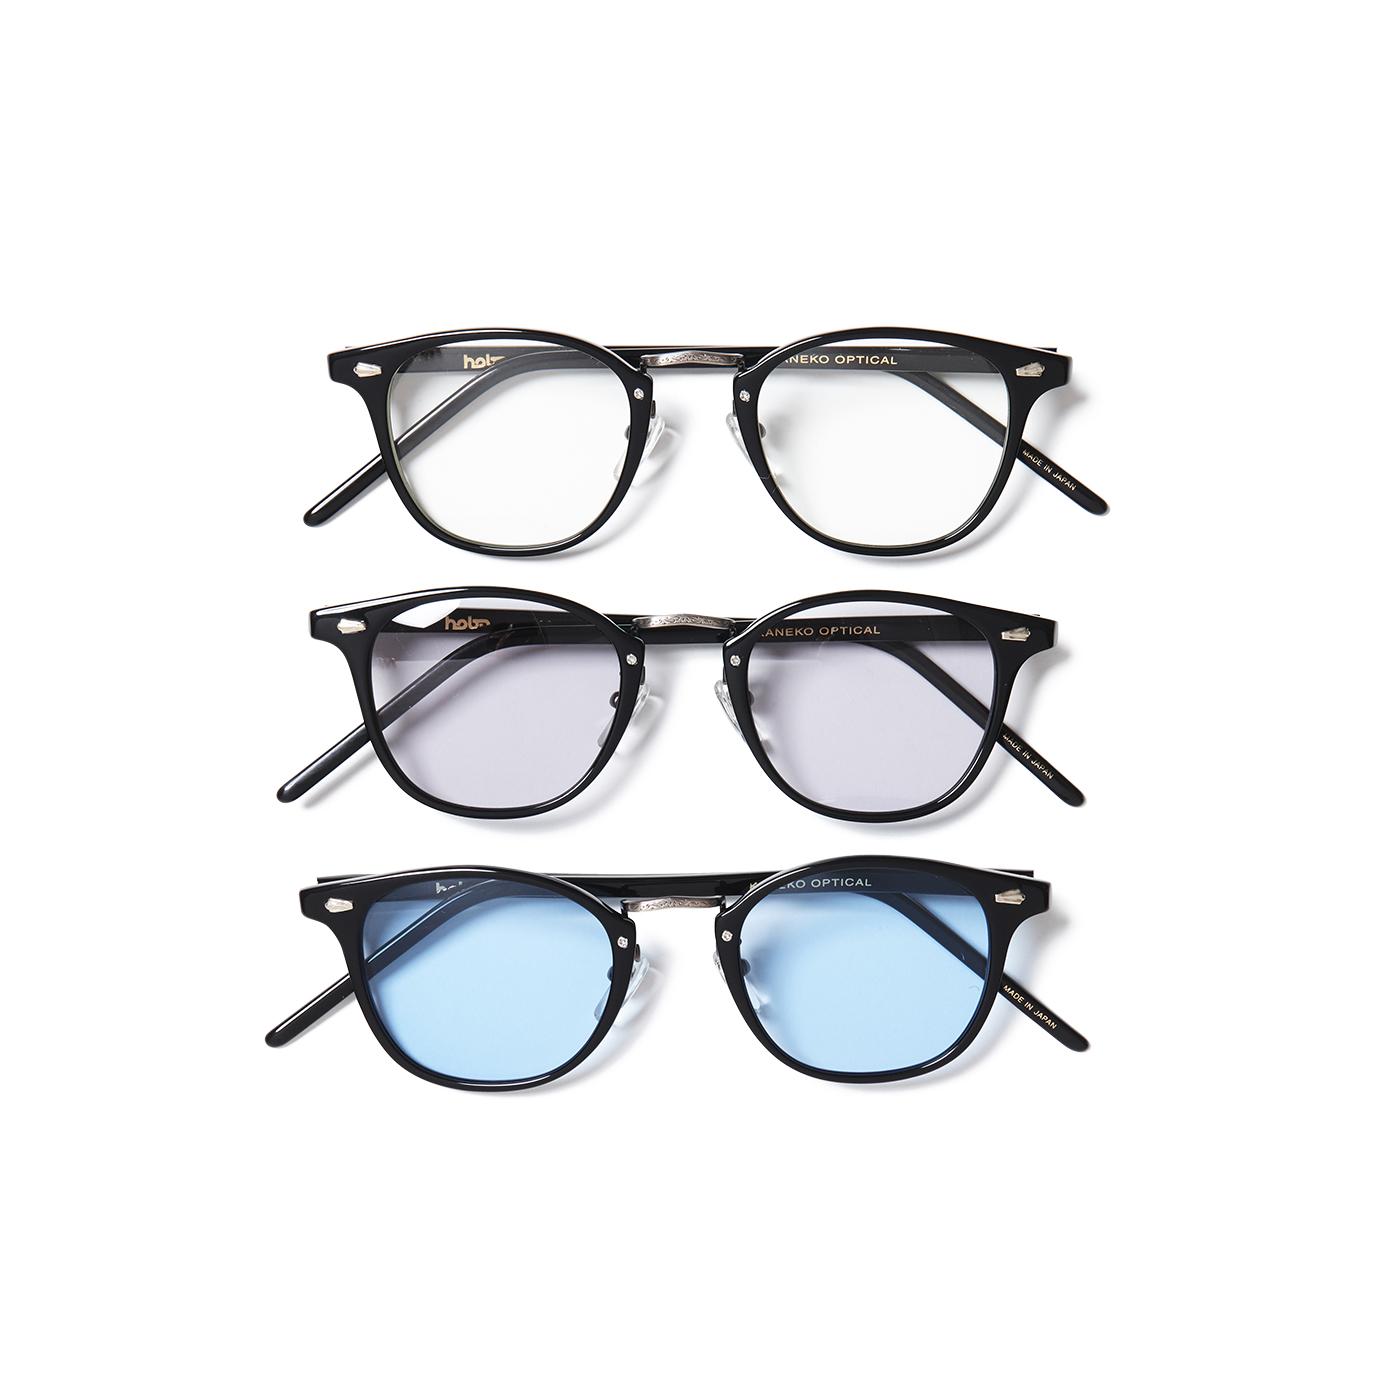 HOBO / Gardener Glasses by KANEKO OPTICAL